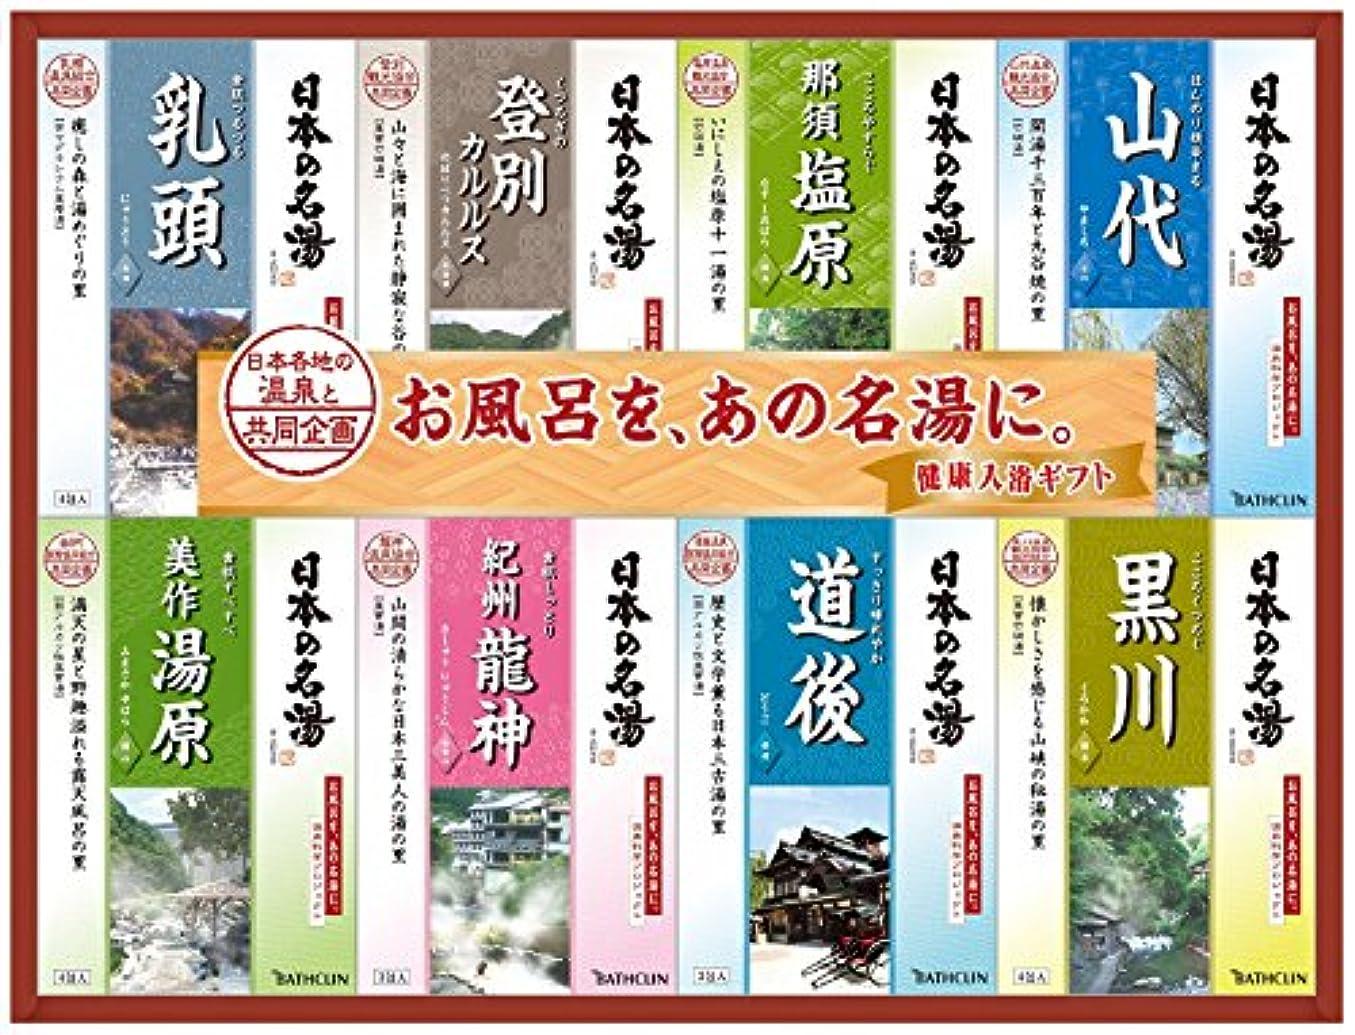 スカート遺棄された準備したnobrand 日本の名湯ギフト 入浴剤 (NMG-30F)